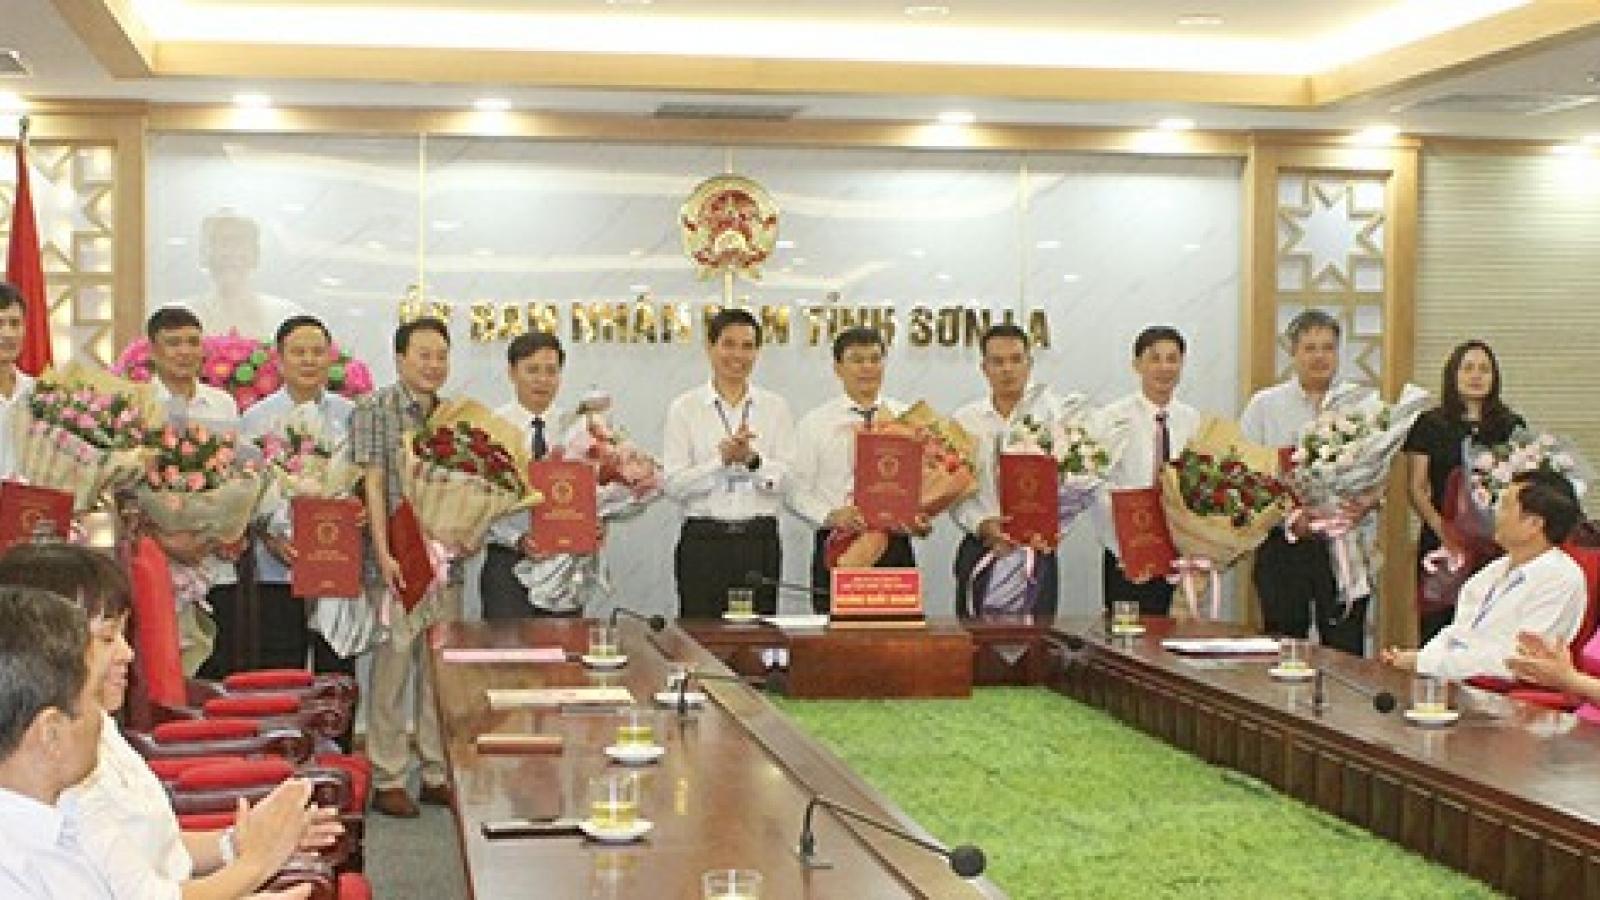 Bổ nhiệm Giám đốc Sở Giao thông vận tải tỉnh Sơn La